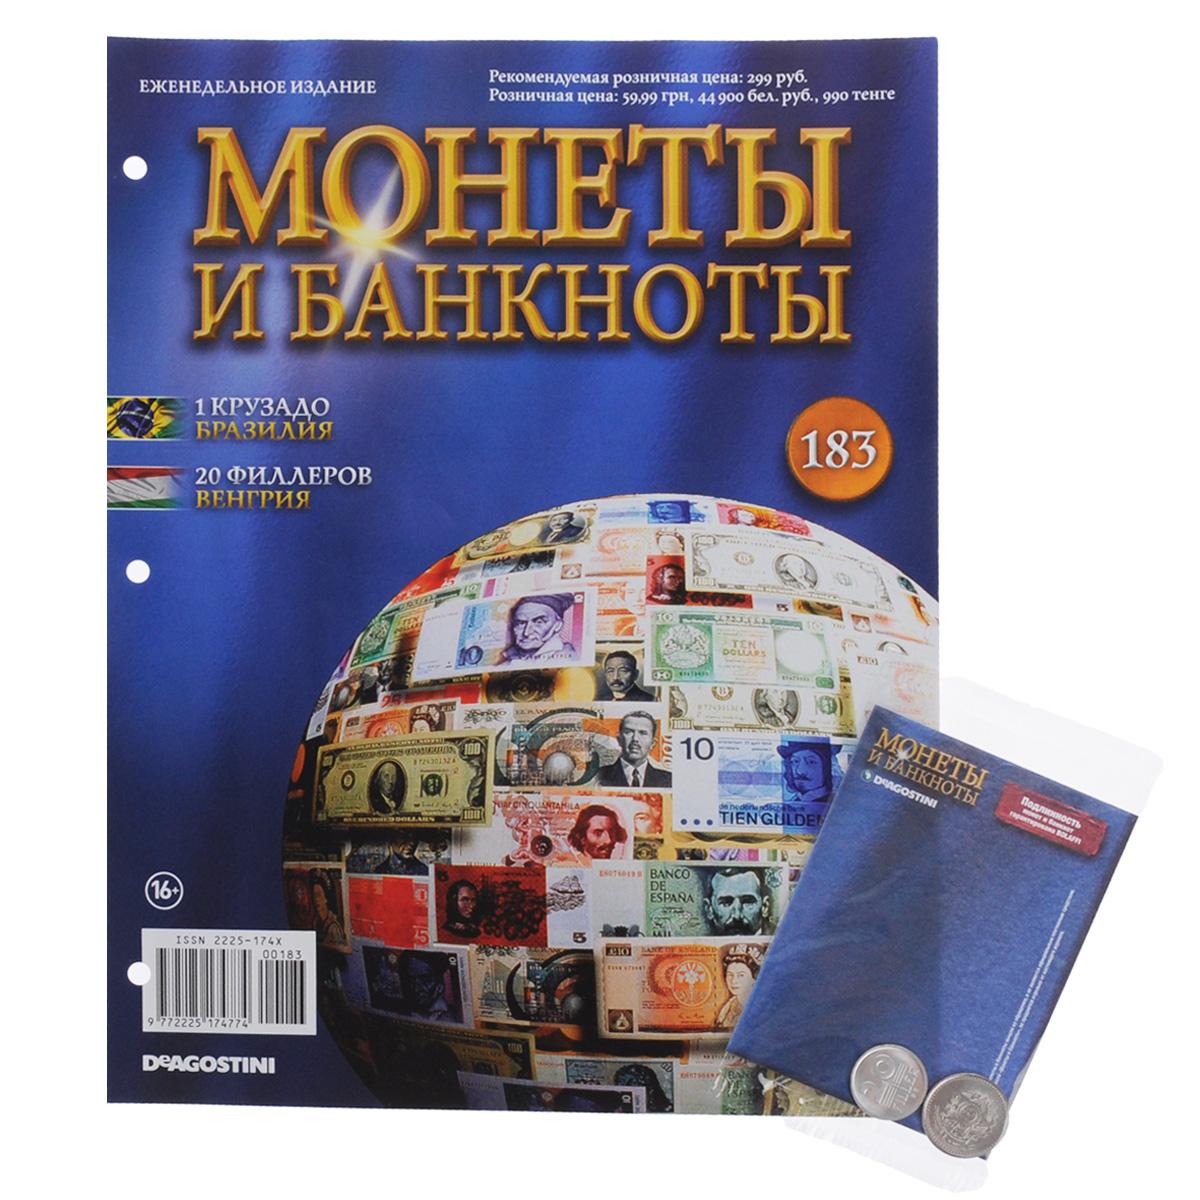 Журнал Монеты и банкноты №151 монеты в сургуте я продаю